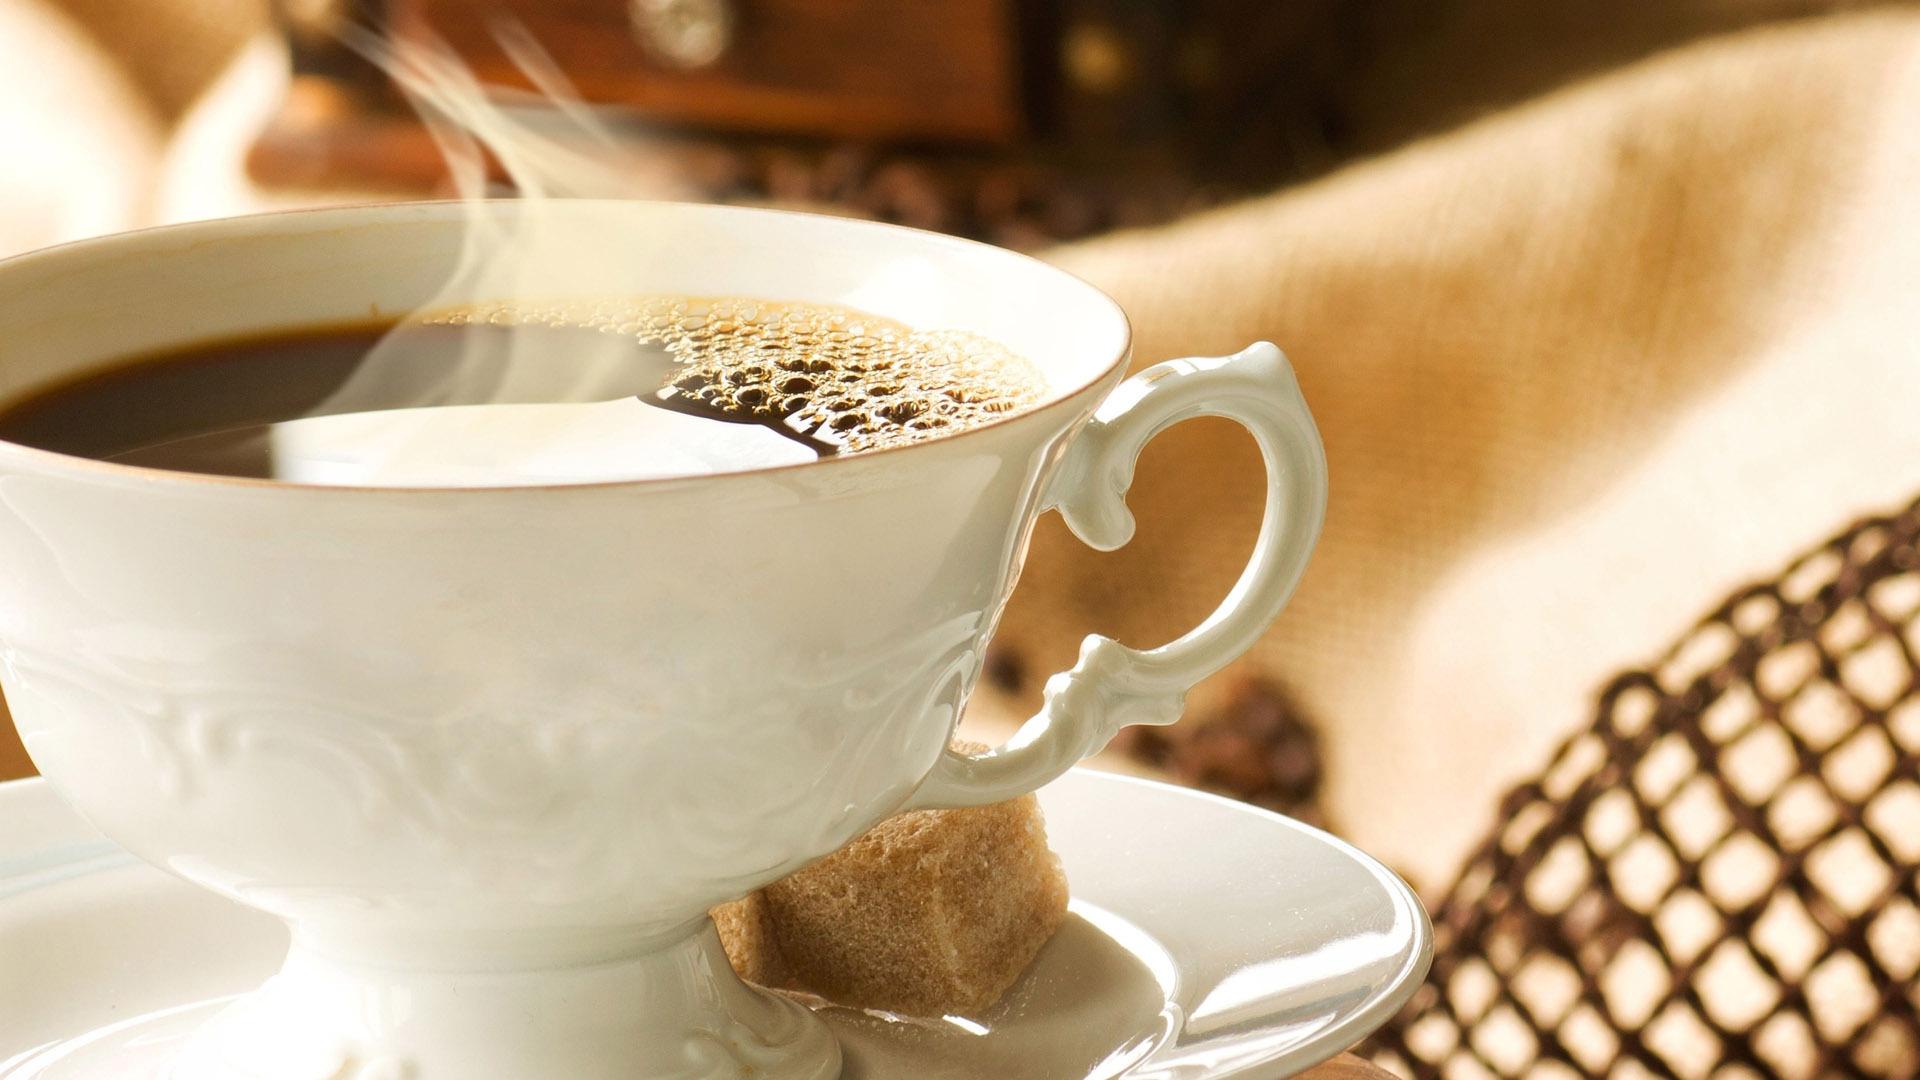 Winter Coffee Wallpaper - WallpaperSafari